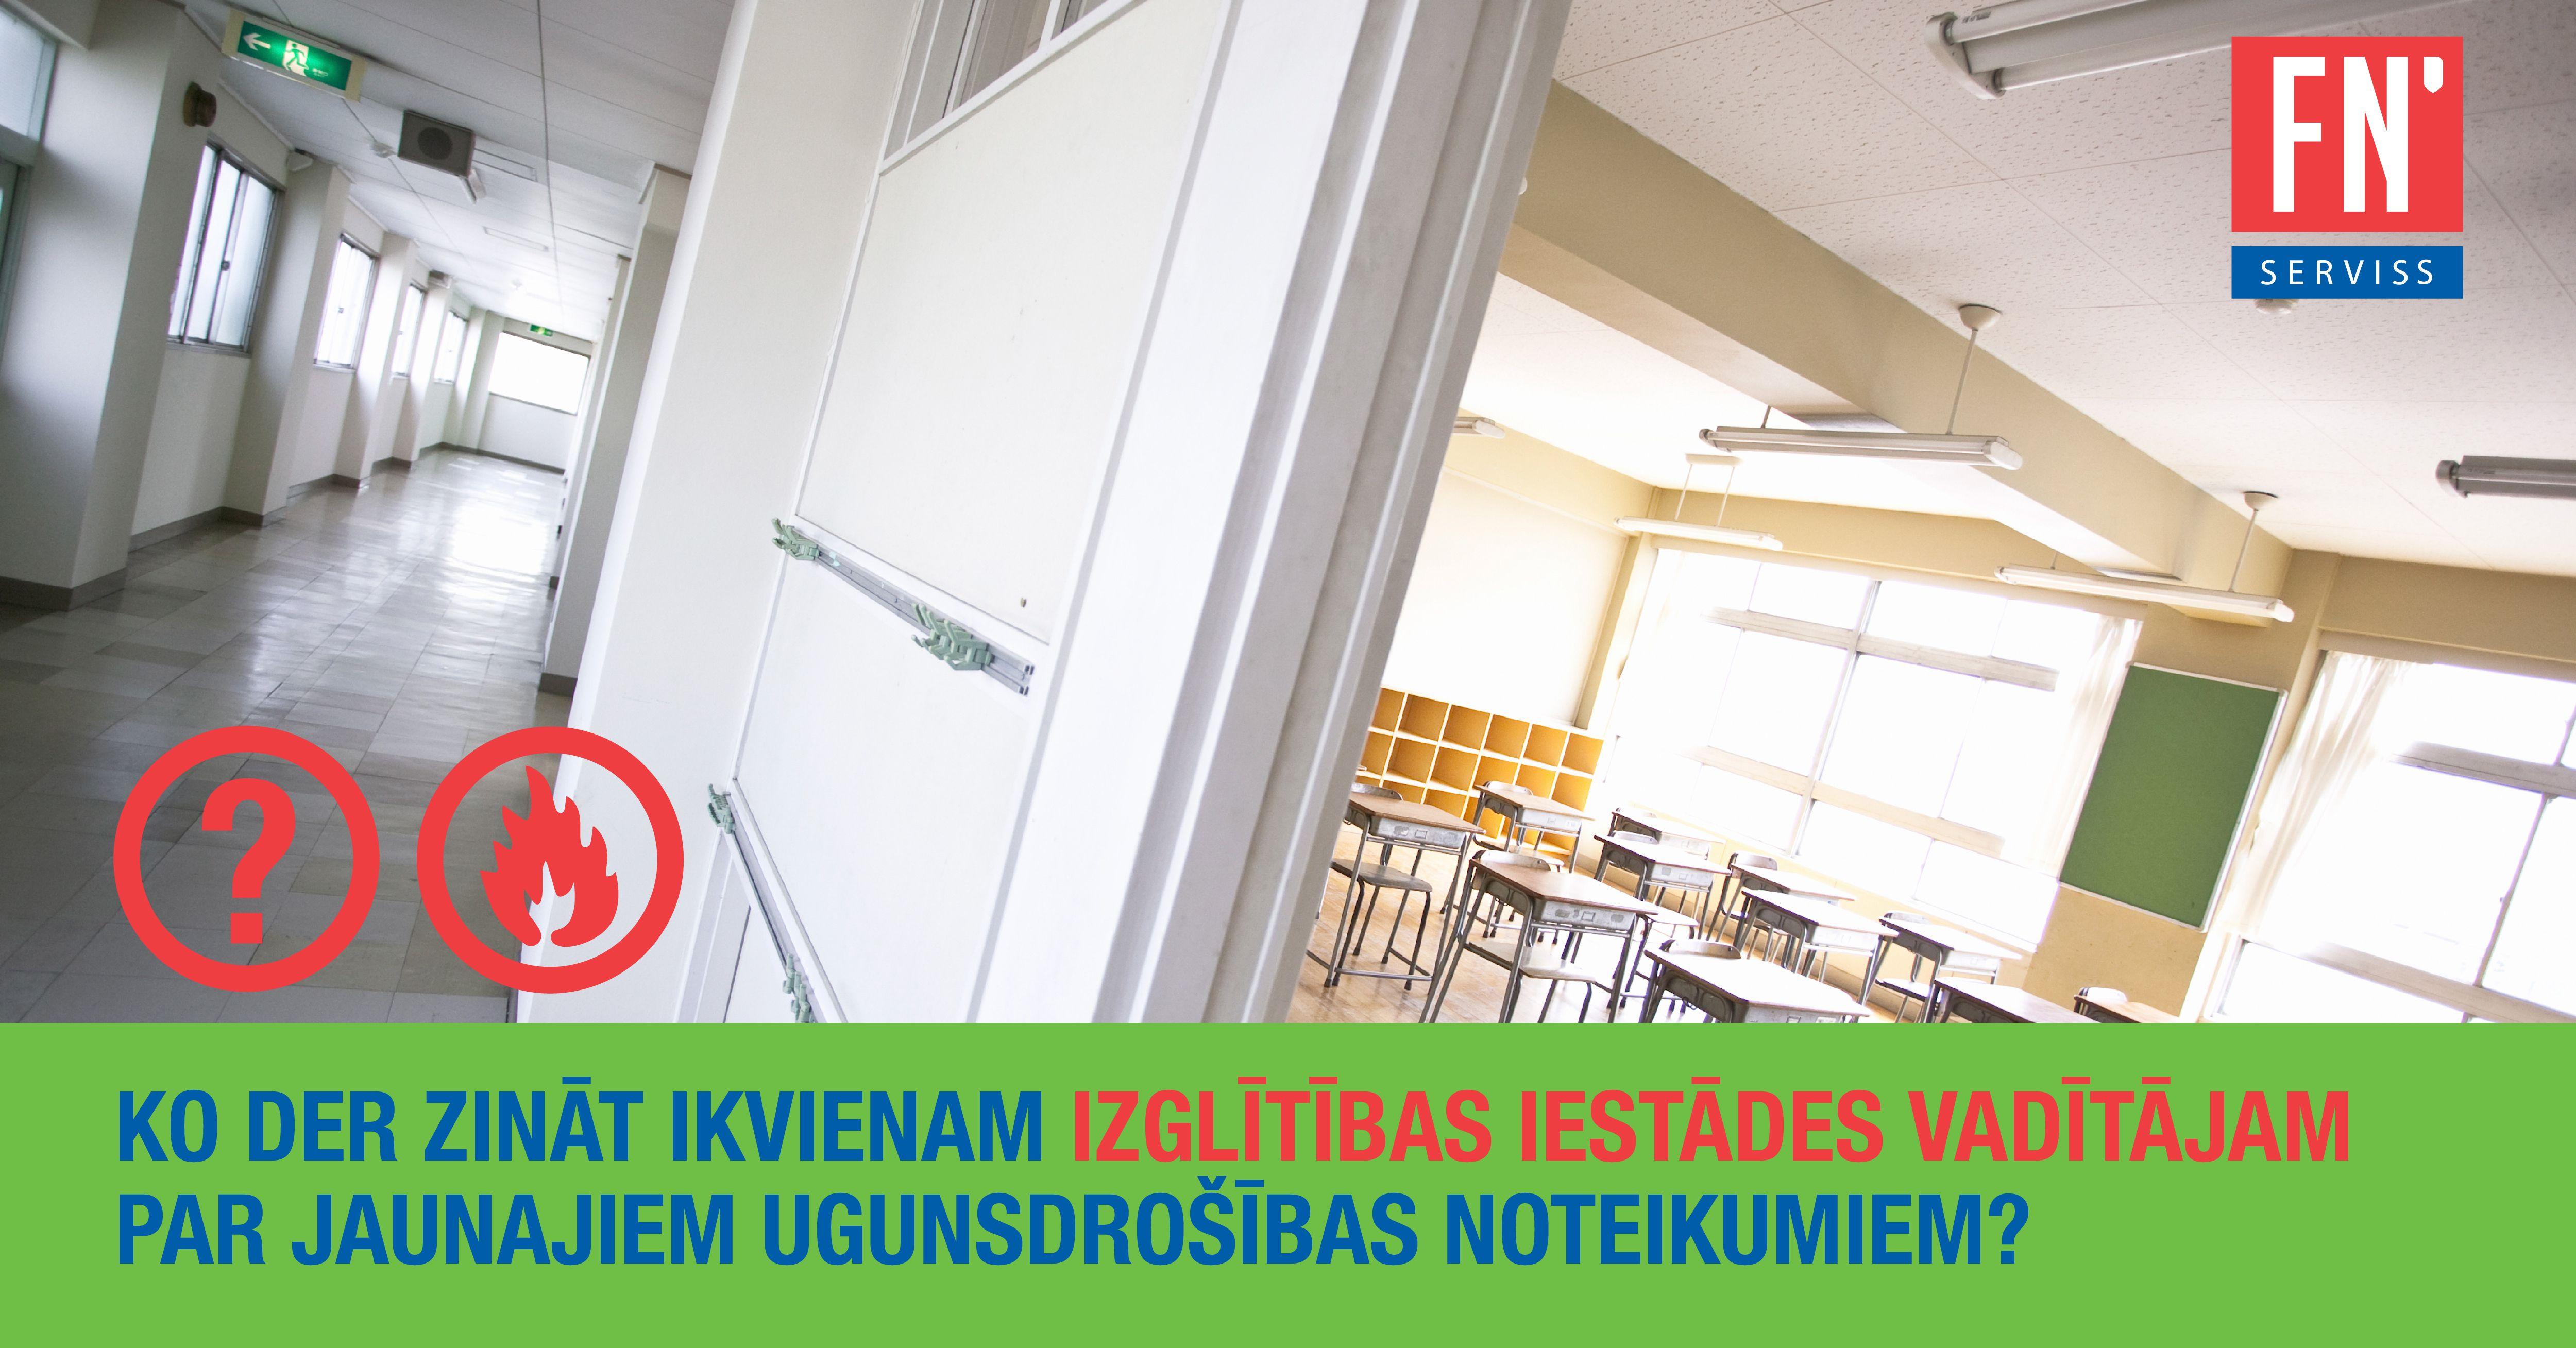 Lapa par jaunajiem ugunsdrošības noteikumiem skolām